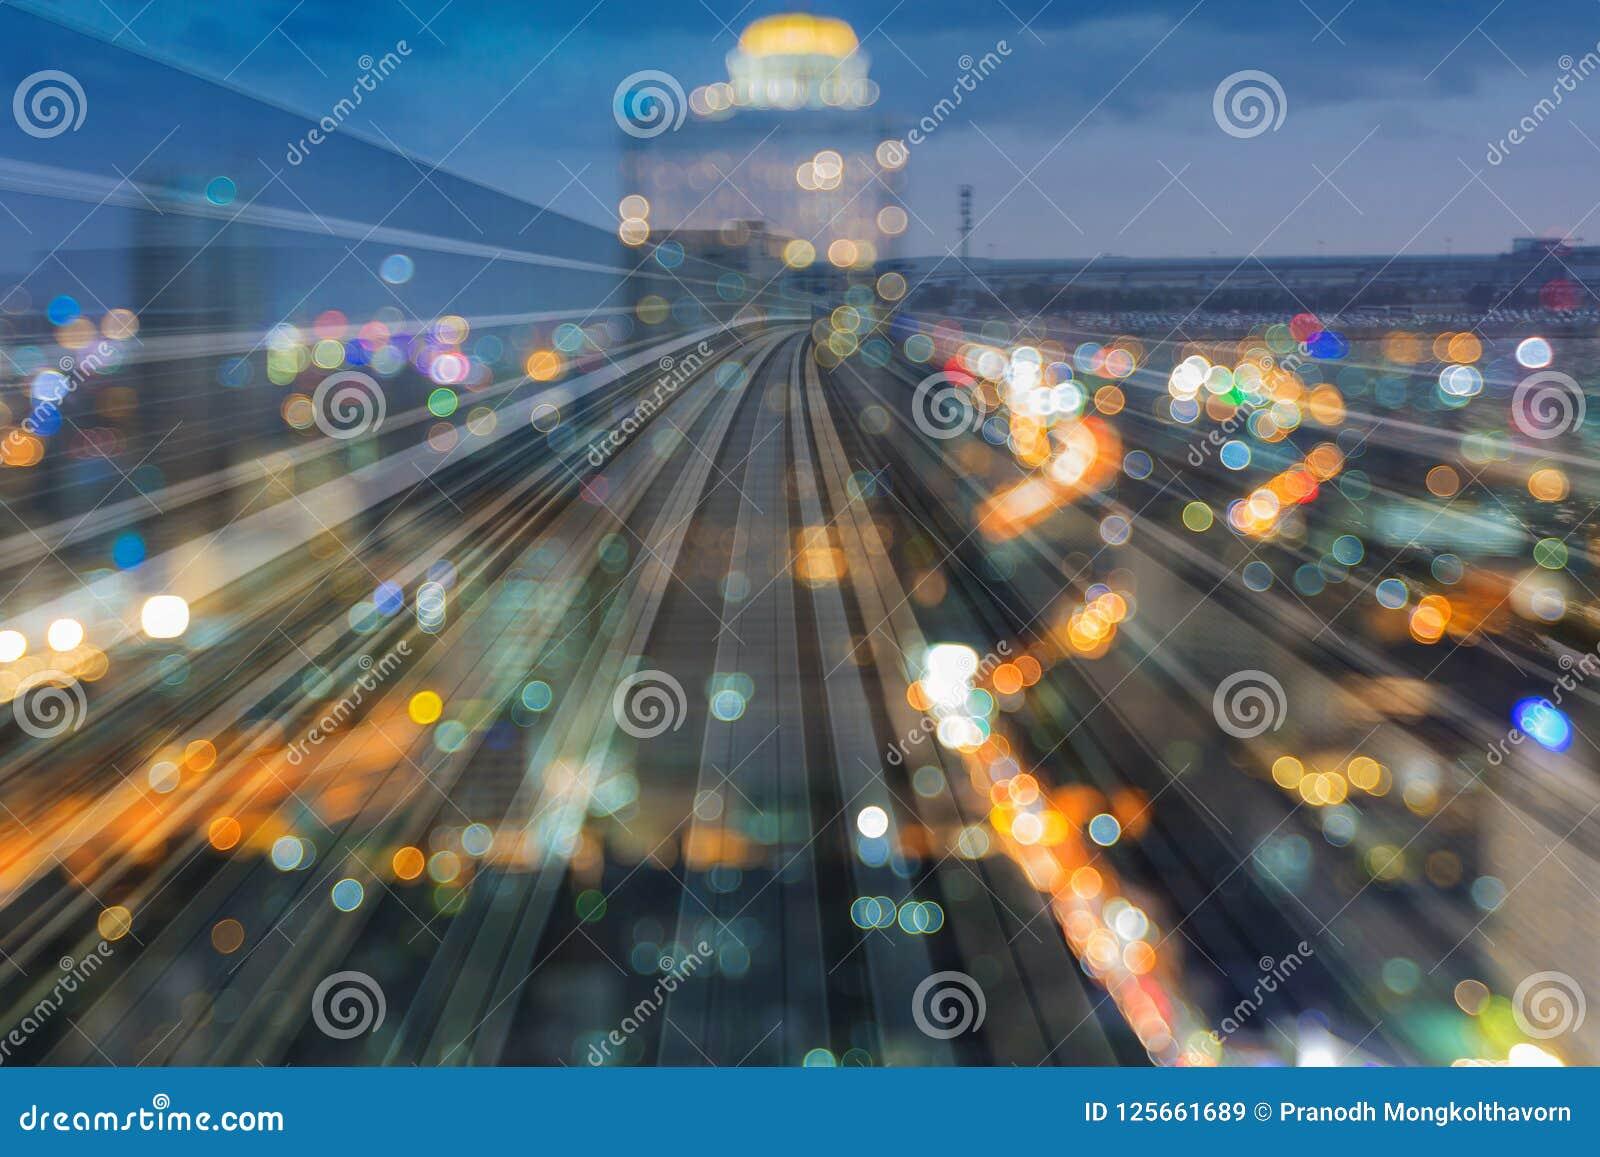 Doppeltexposé-Bahngleisbewegung des Dämmerungsstadtunschärfelichtes in die Stadt